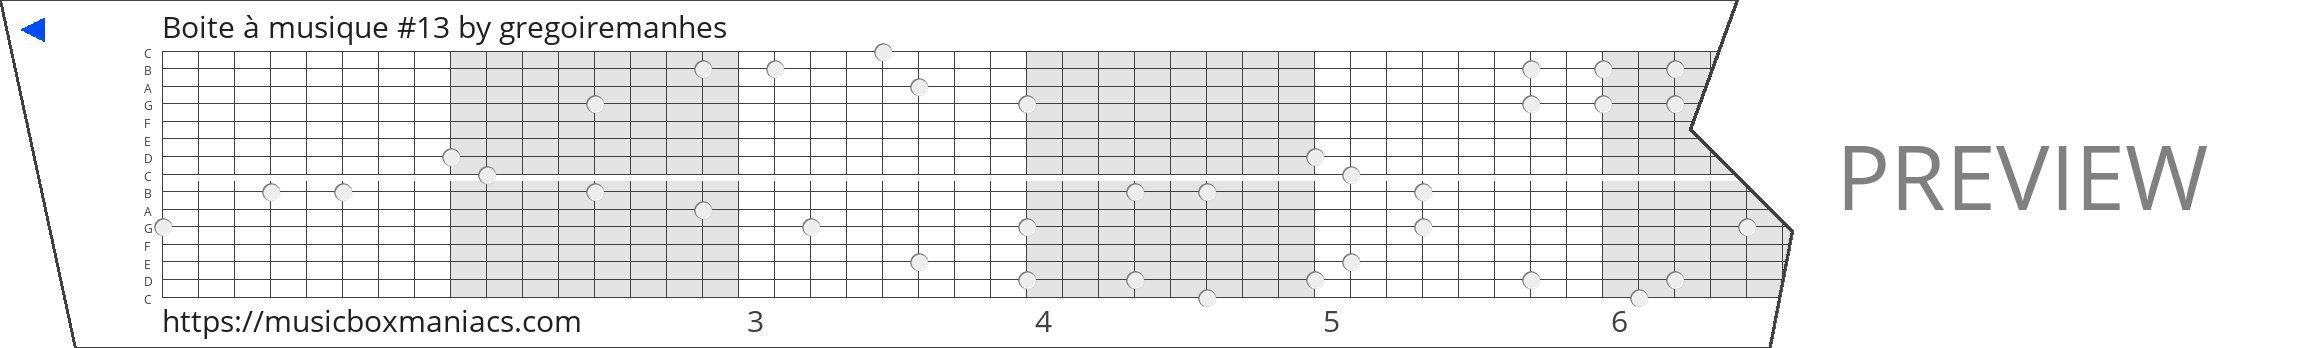 Boite à musique #13 15 note music box paper strip